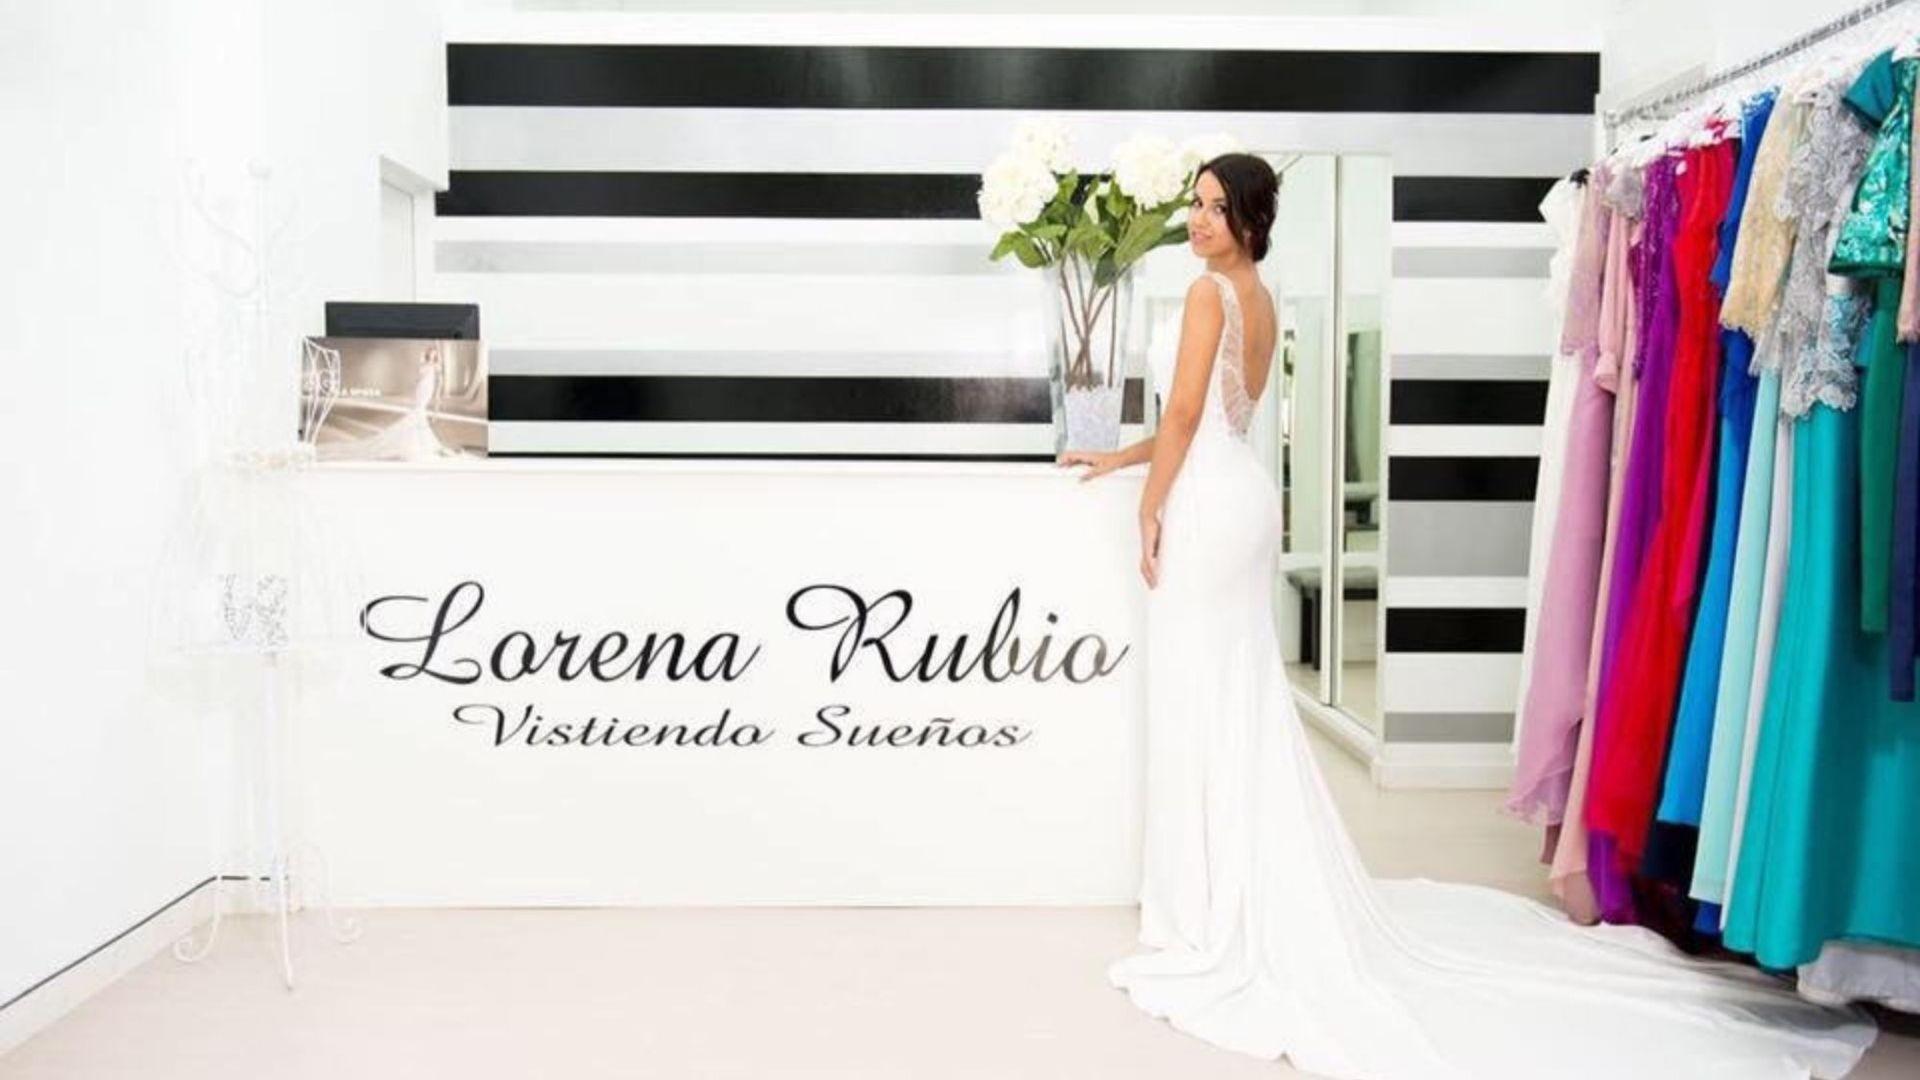 Lorena Rubio Vistiendo Sueños